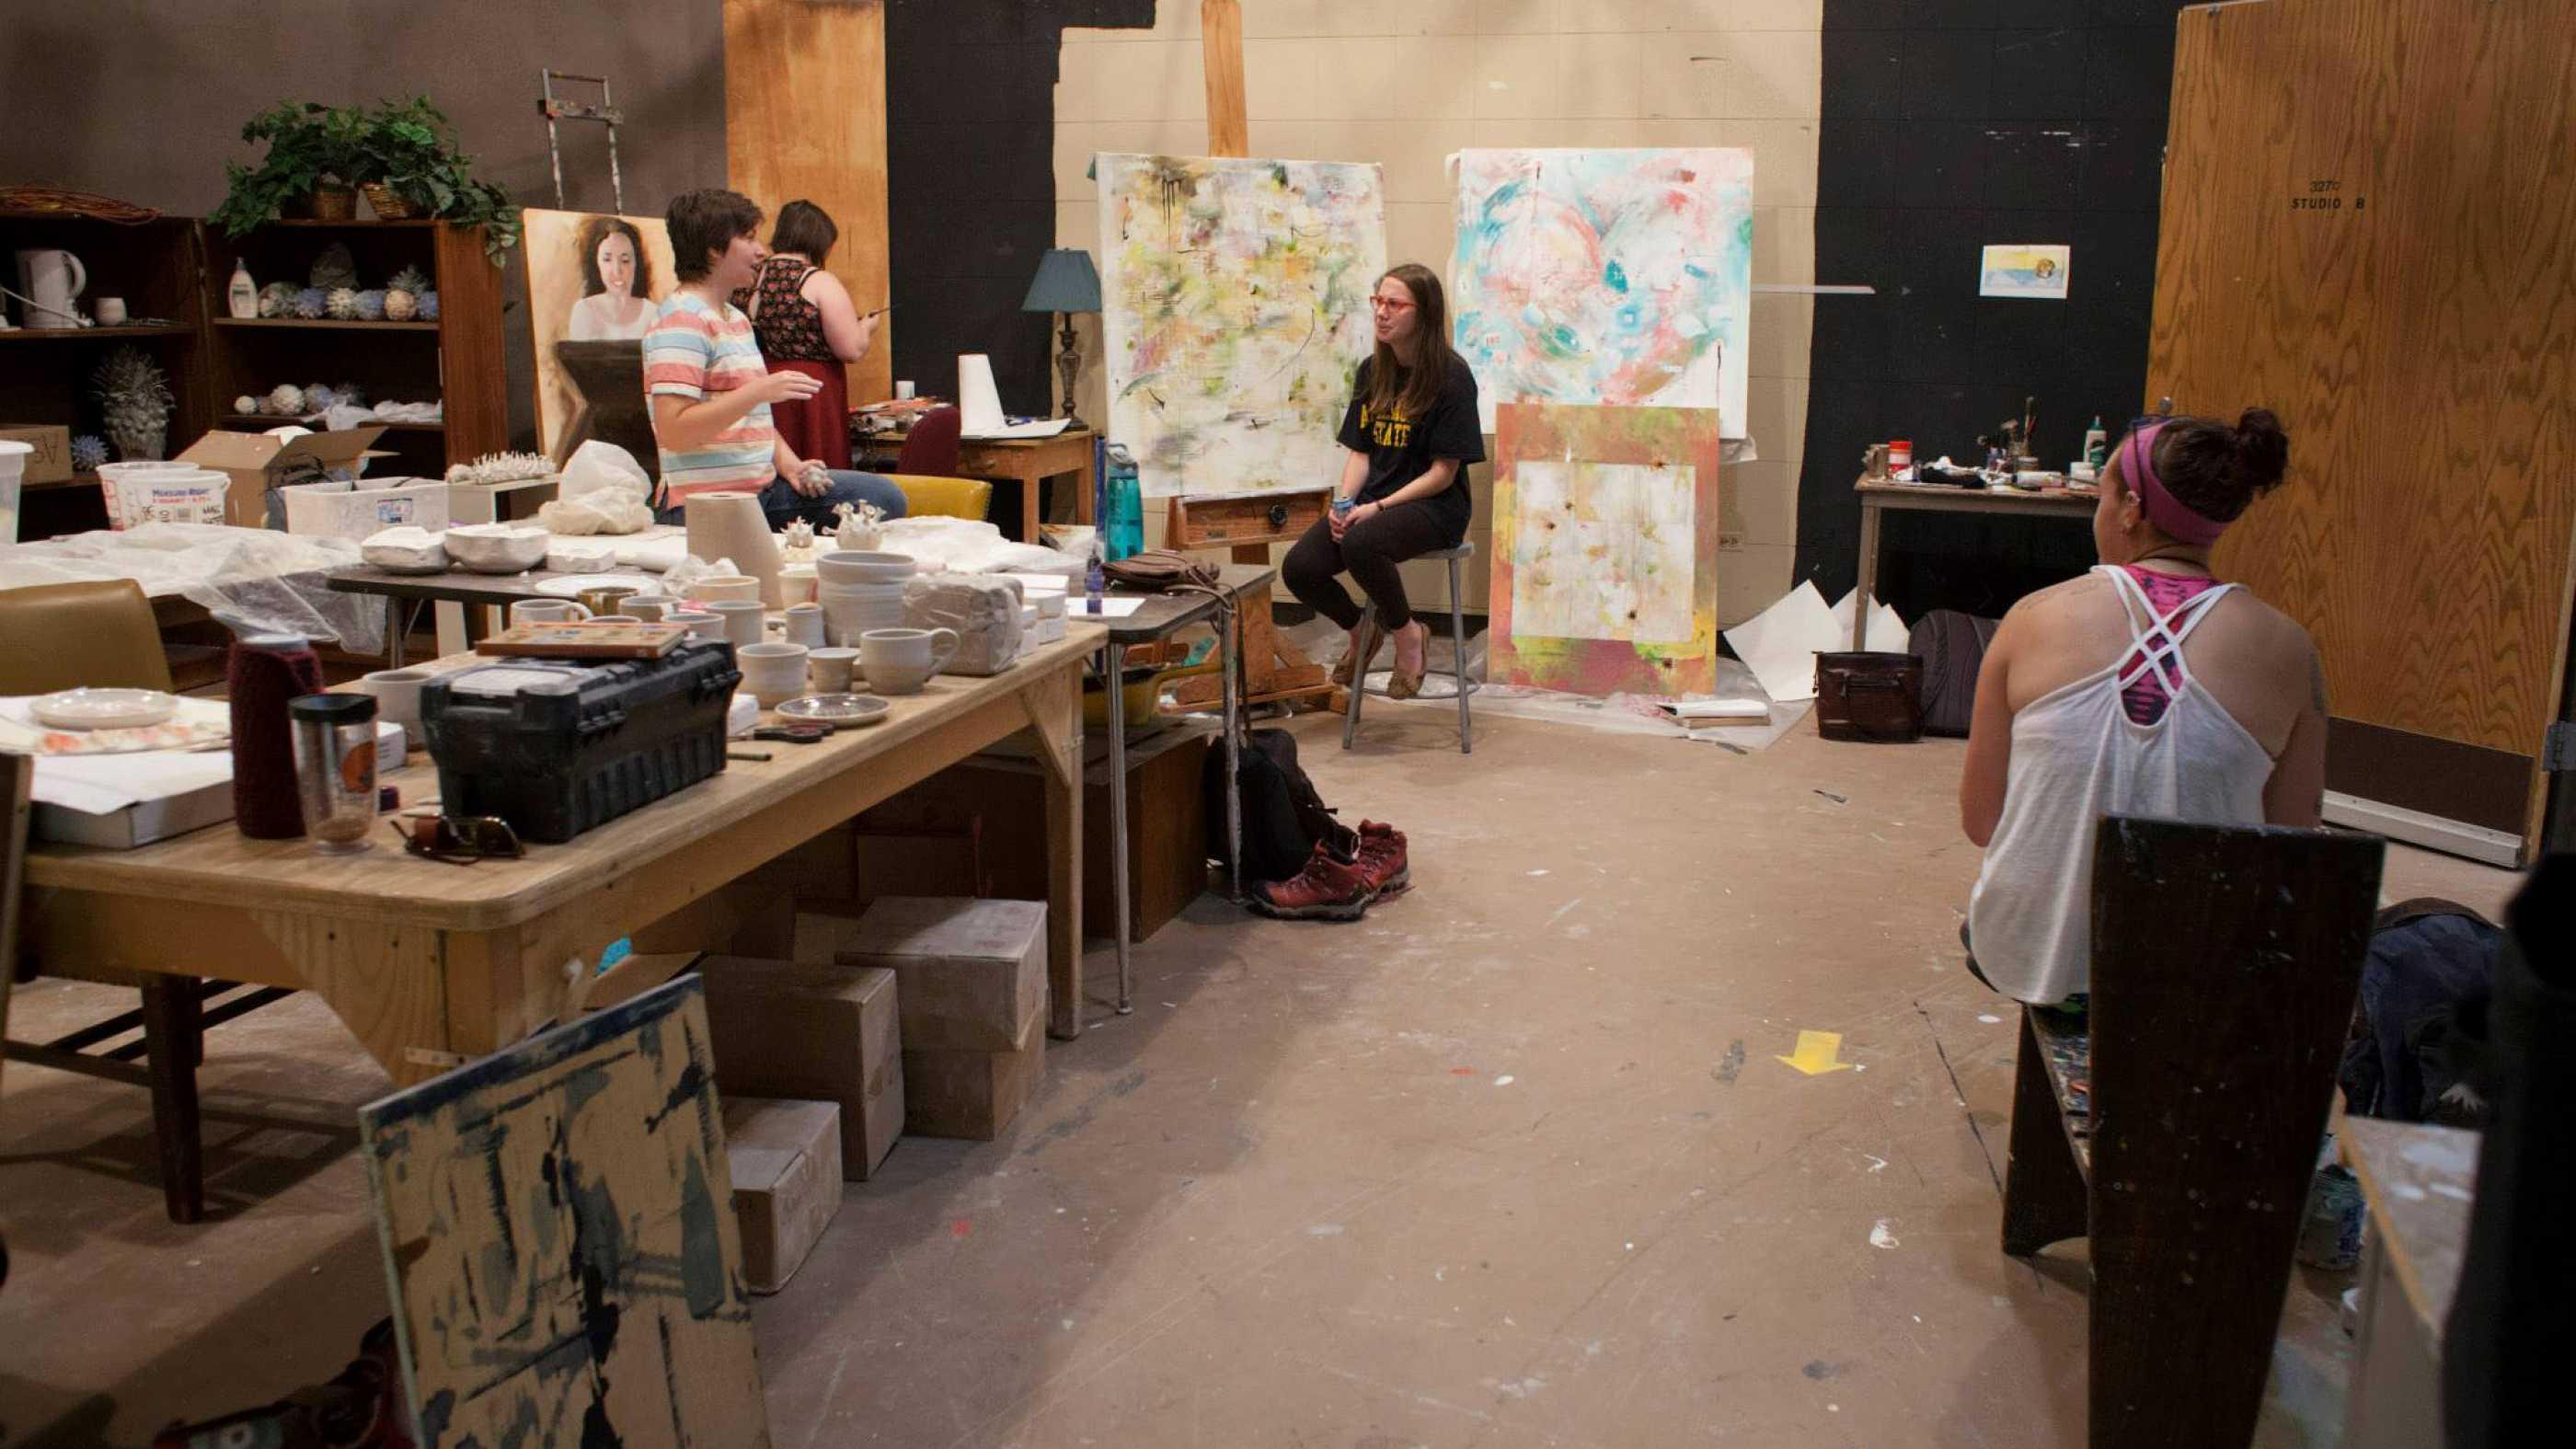 BFA Studio Art Senior Studio students